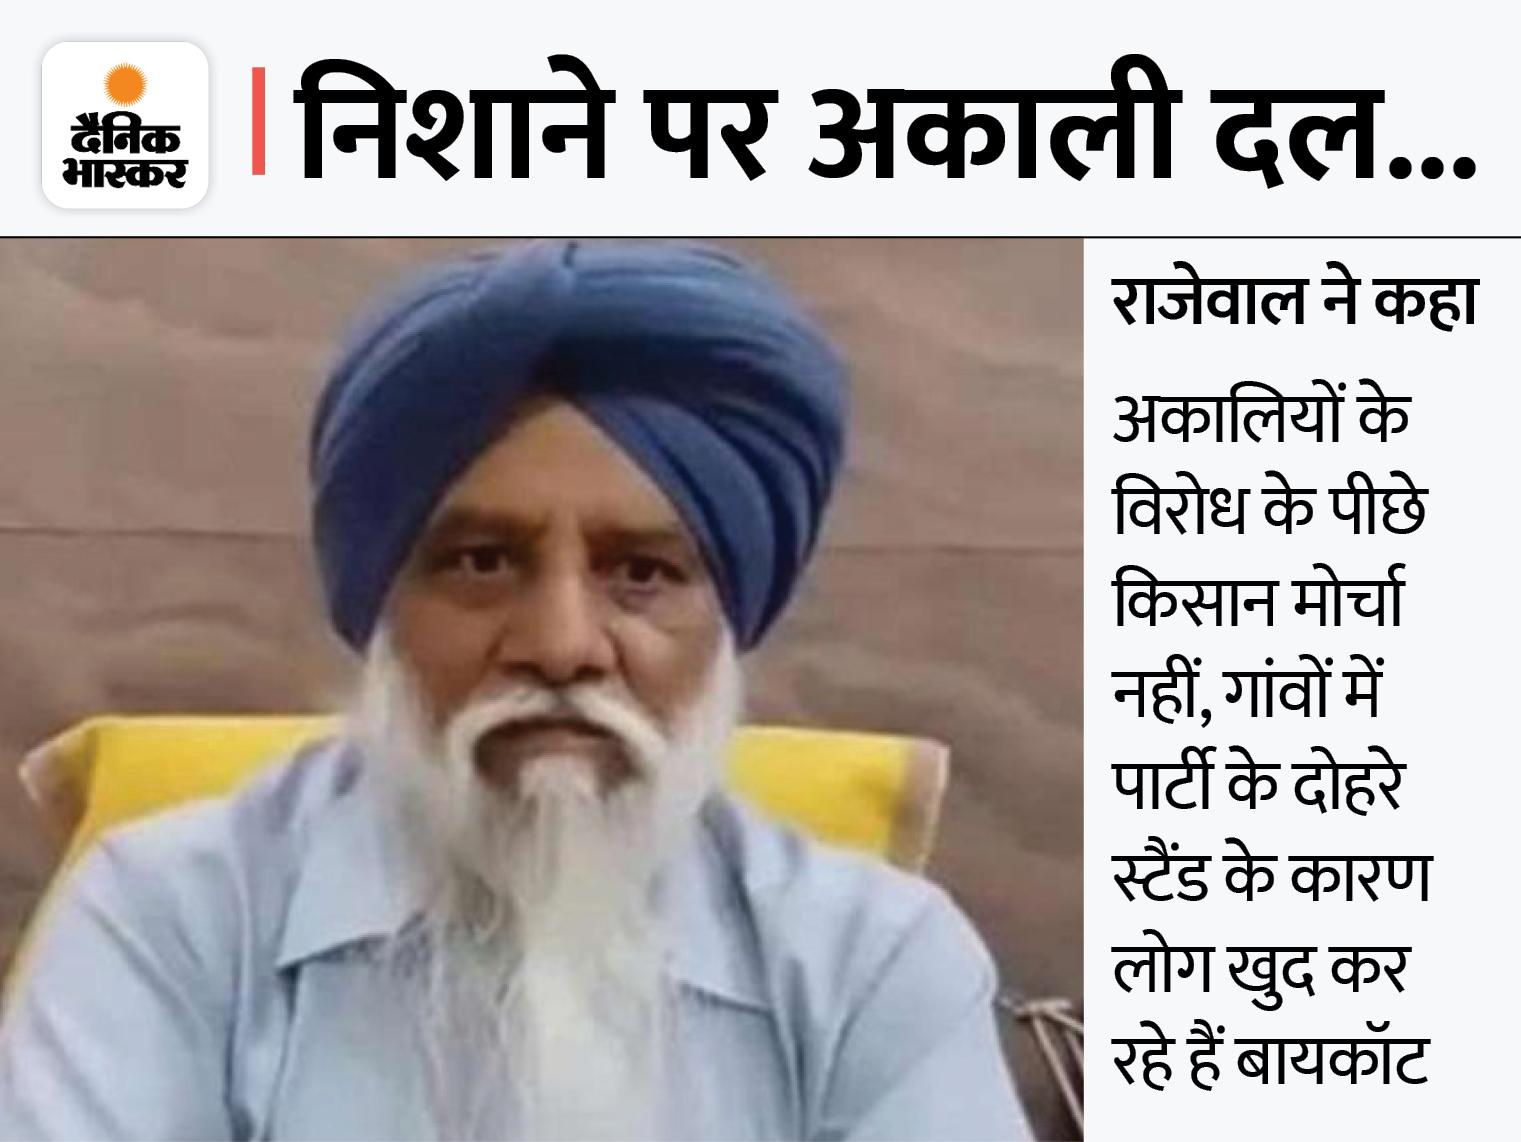 किसान मोर्चा को बदनाम करने की कोशिश कर रहे अकाली नेता, किसानों को नशेड़ी कहने वाली पार्टी के कार्यकर्ताओं की गाड़ी में मिली थी शराब|देश,National - Dainik Bhaskar